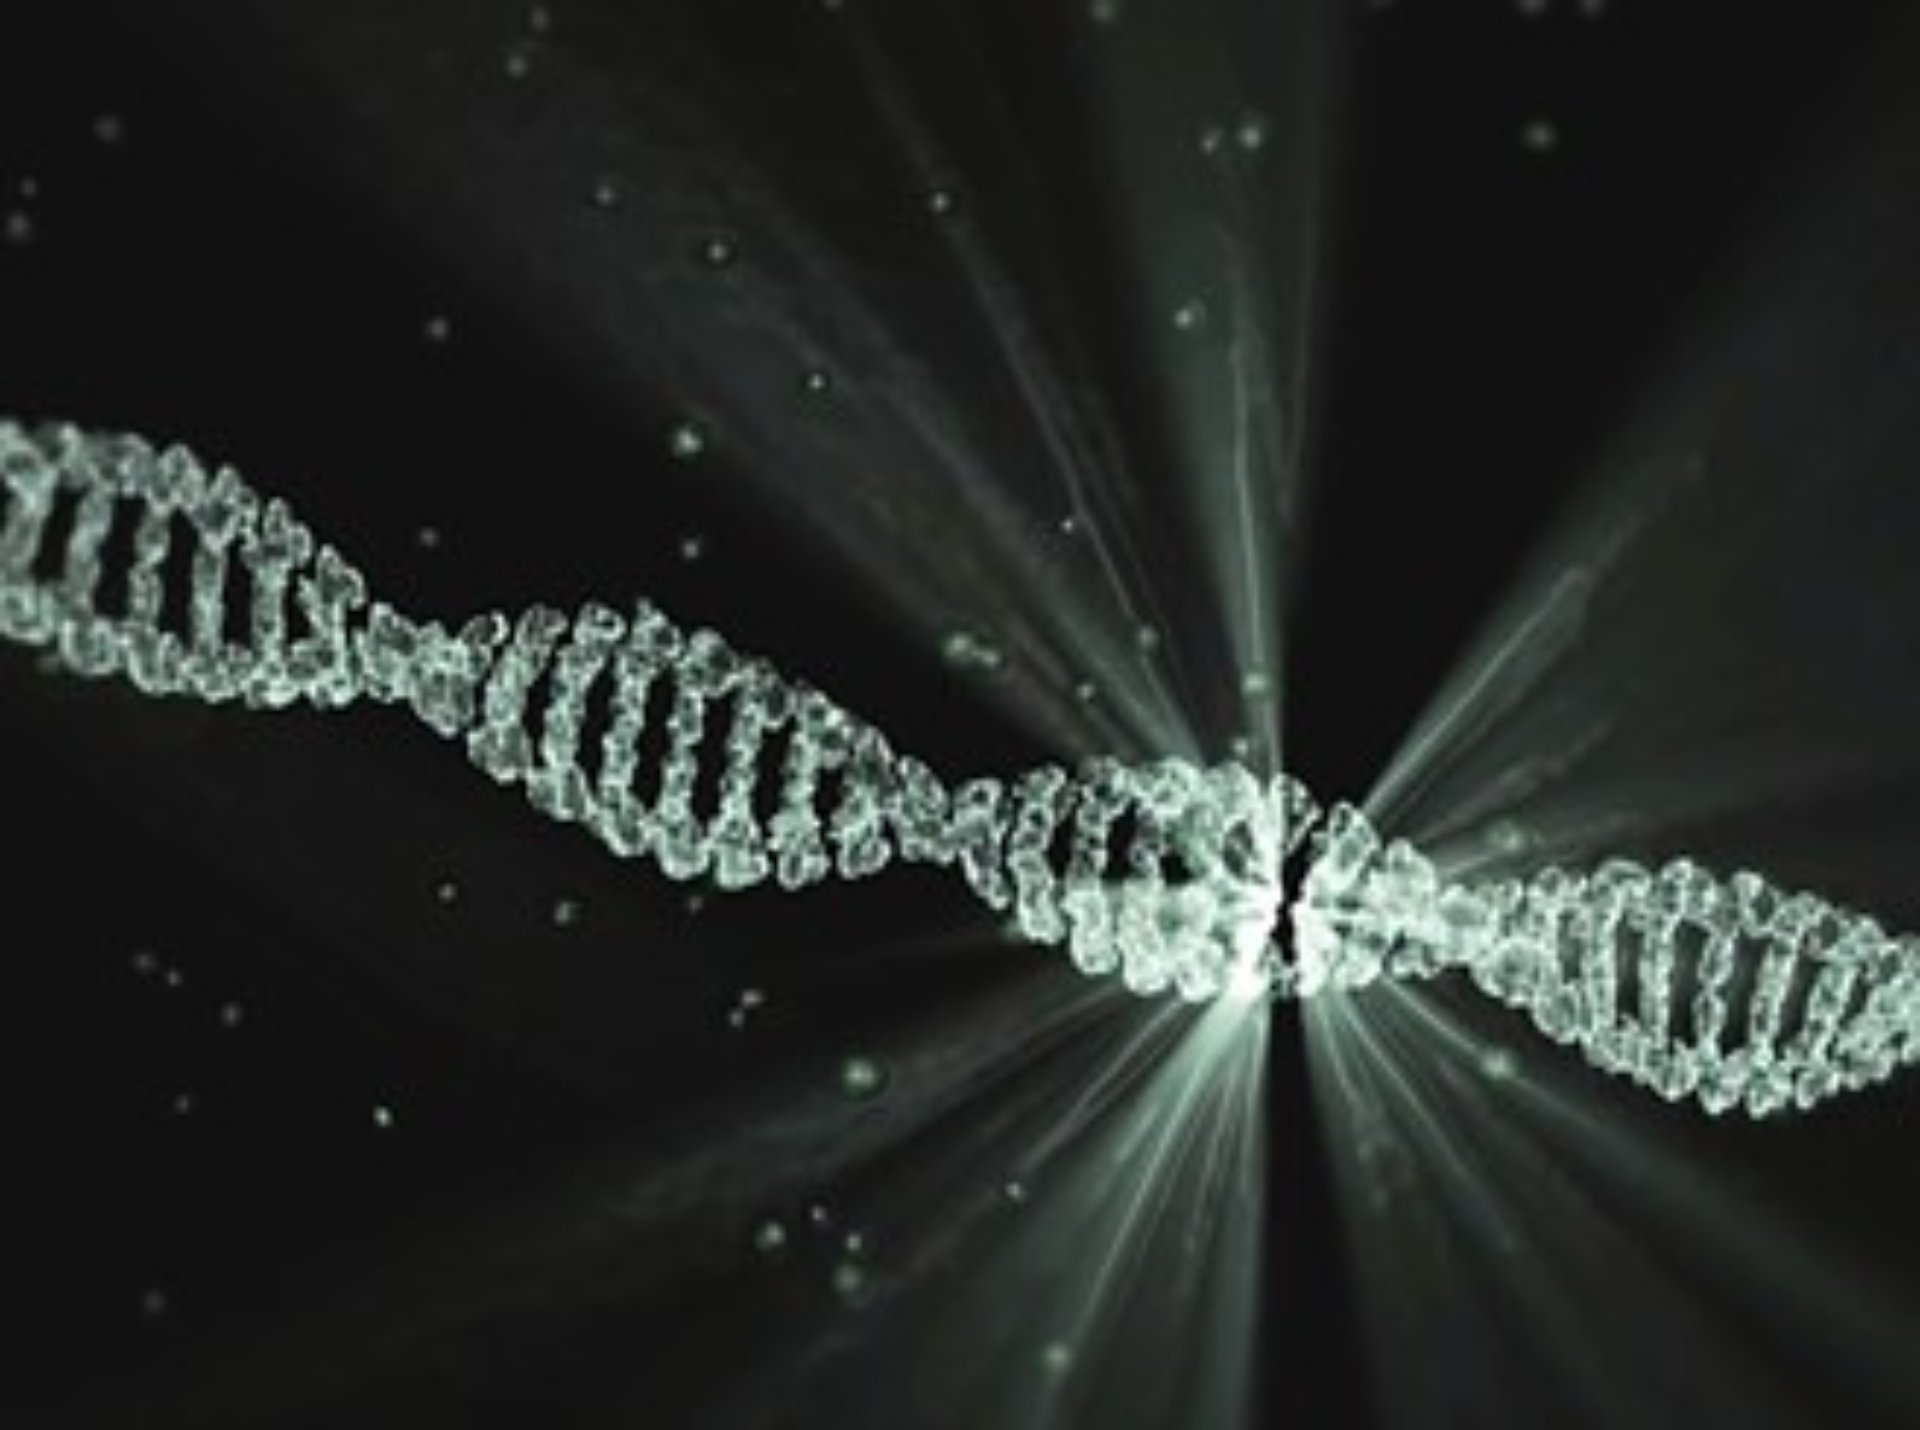 DNA: estudo afirmou que não encontrou mutações nos genomas dos filhos de expostos à radiação.